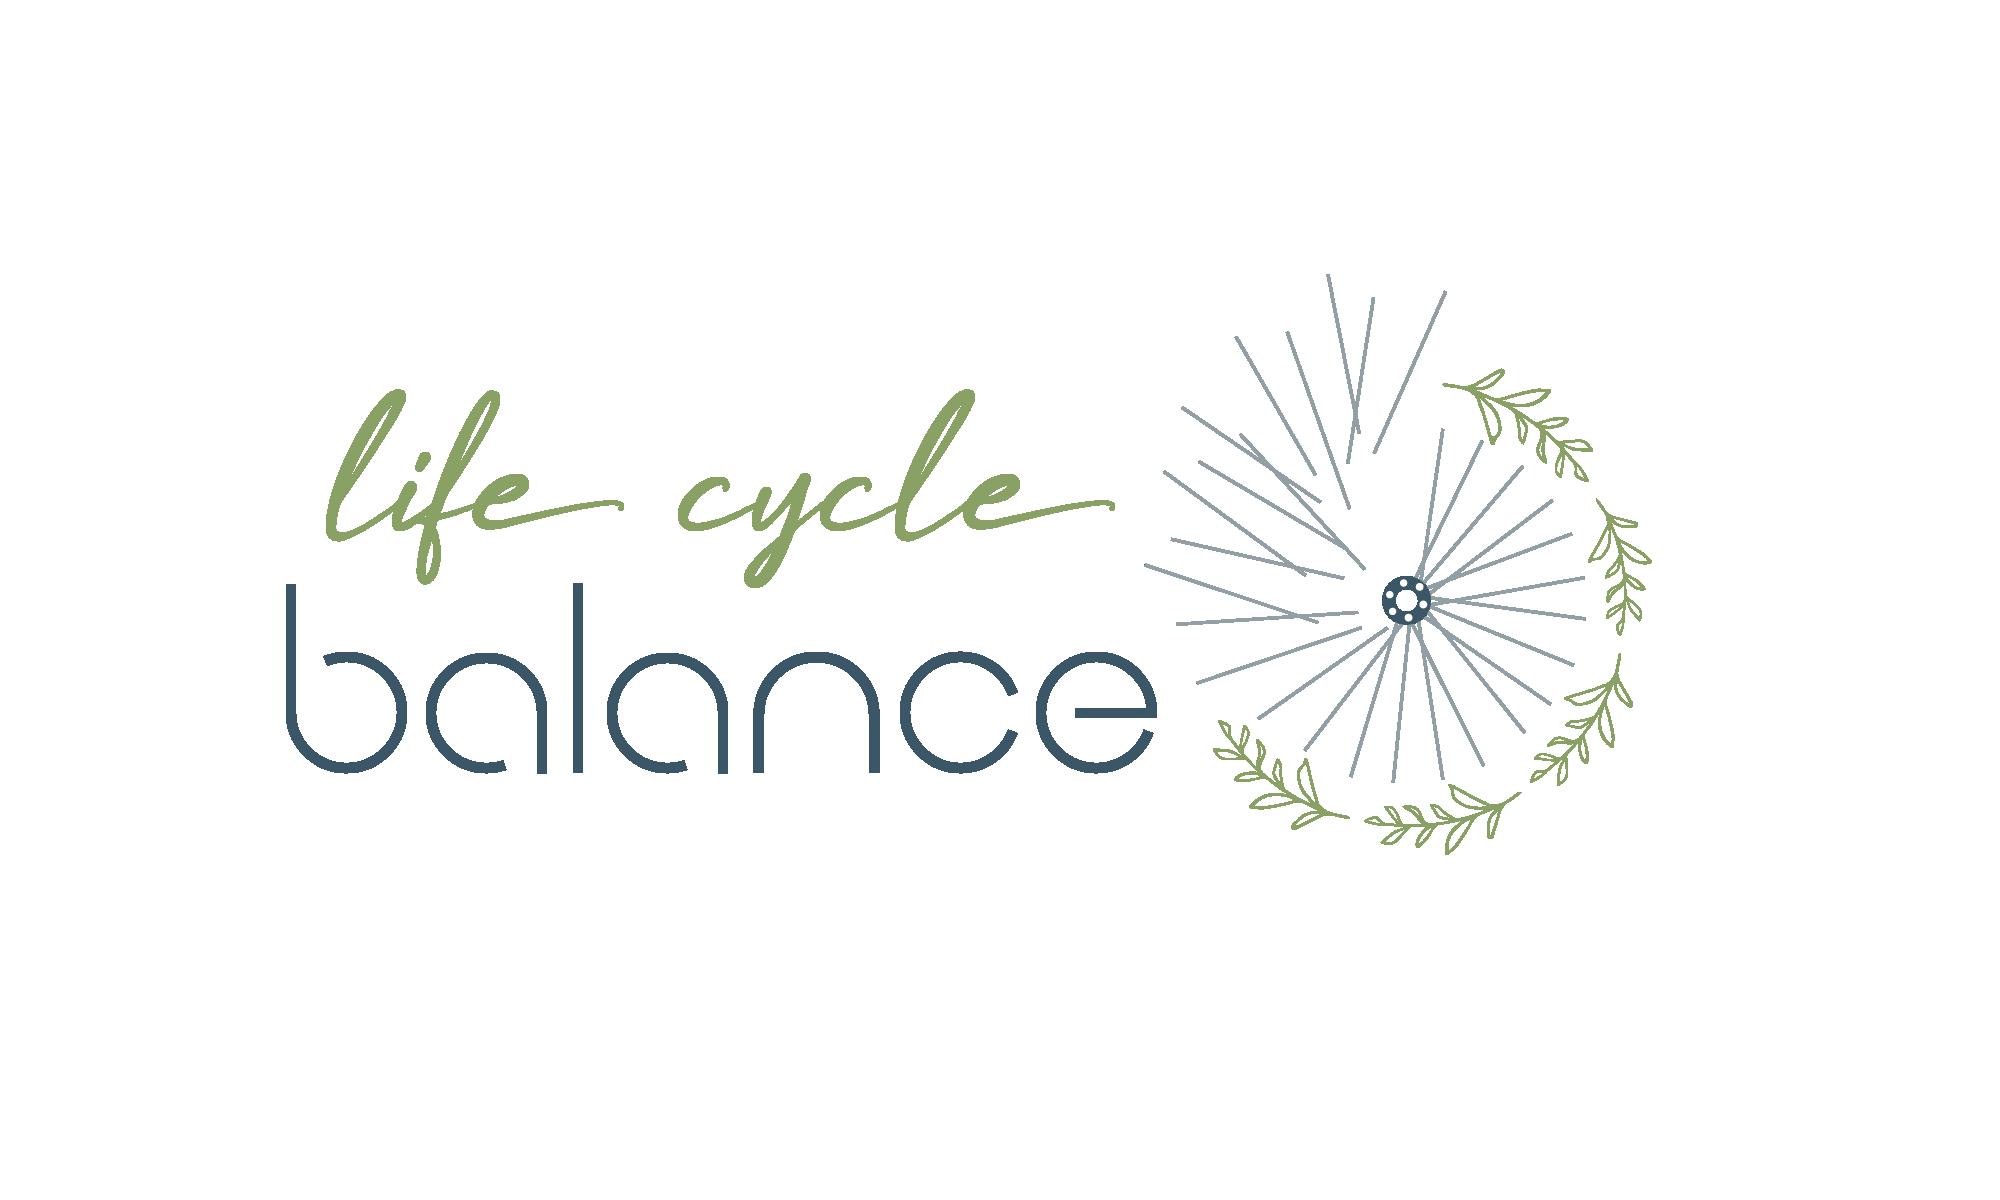 logo Life Cycle Balance Mississippi Gulf Coast